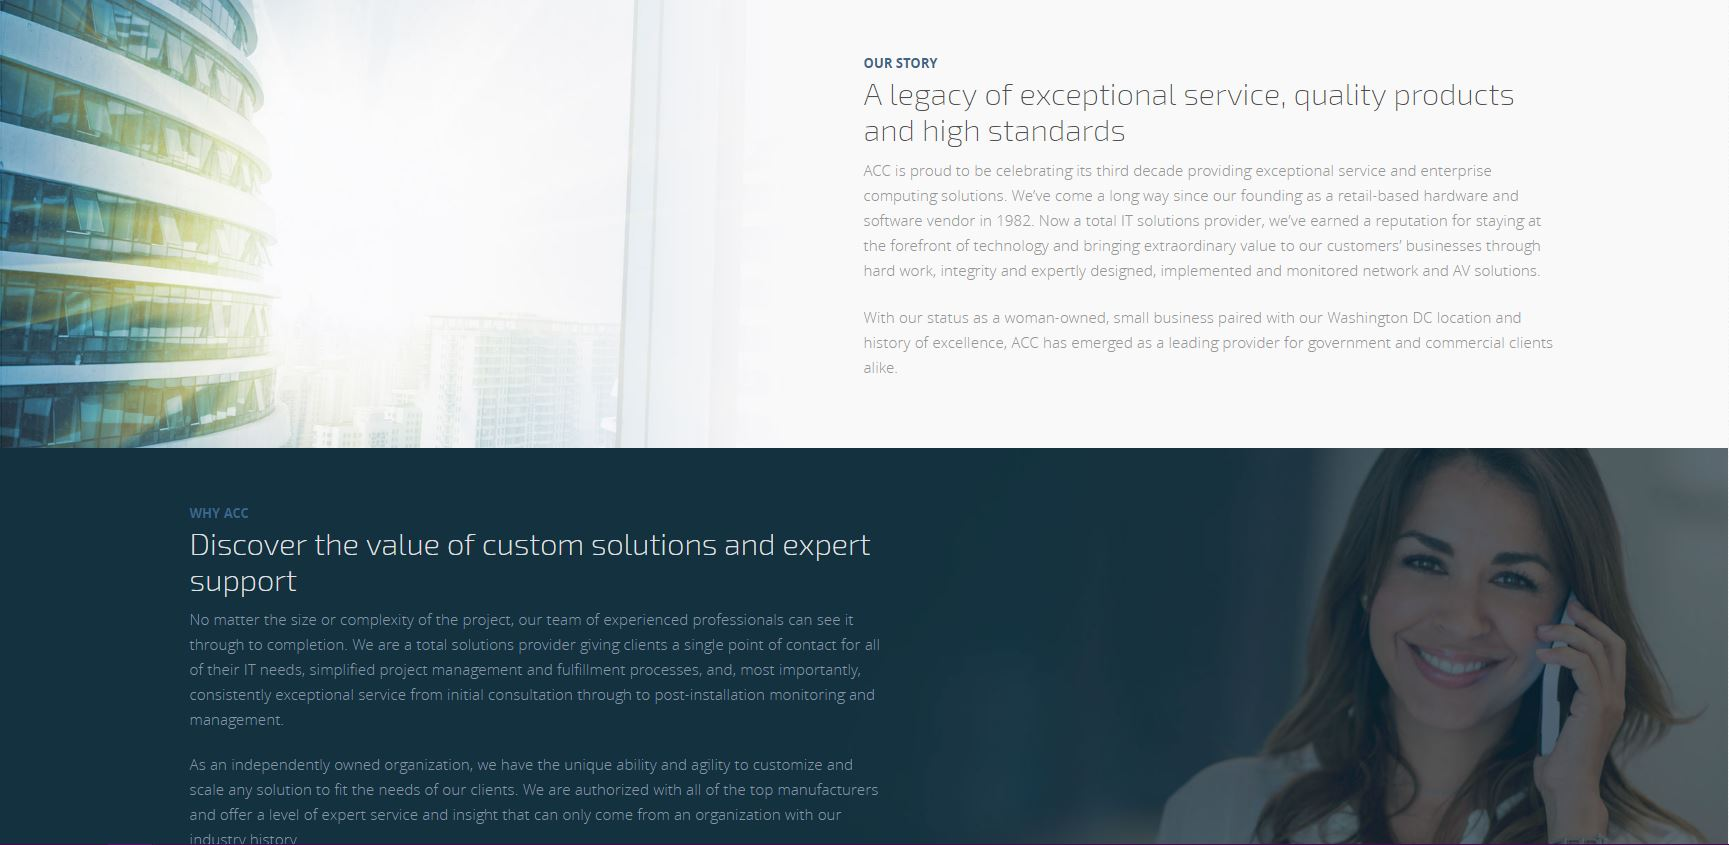 ACC Branding & Website